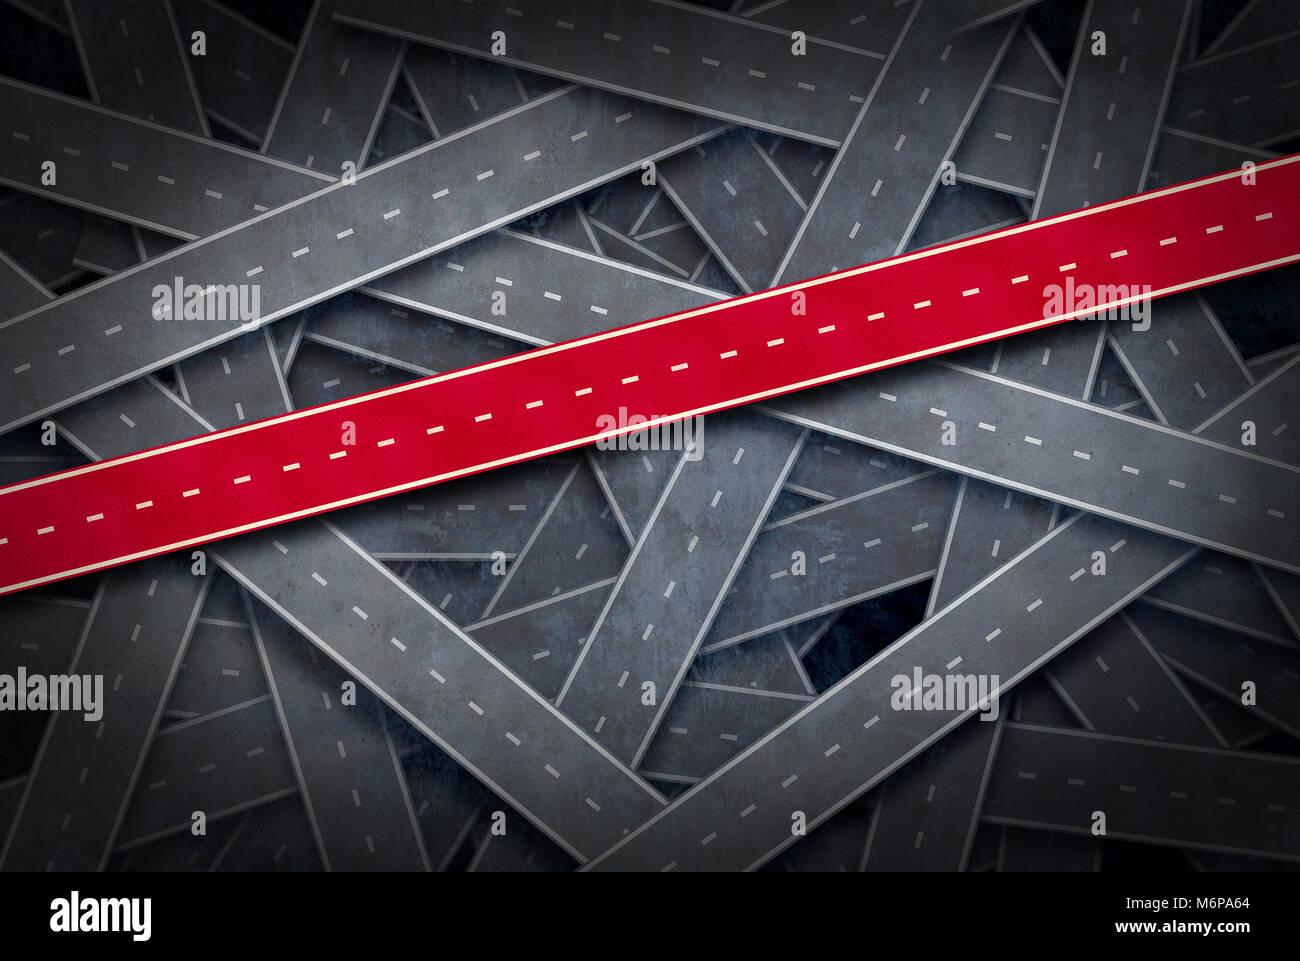 Percorso al concetto di successo e seguire il percorso giusto idea come un gruppo di strade e un percorso rosso Foto Stock